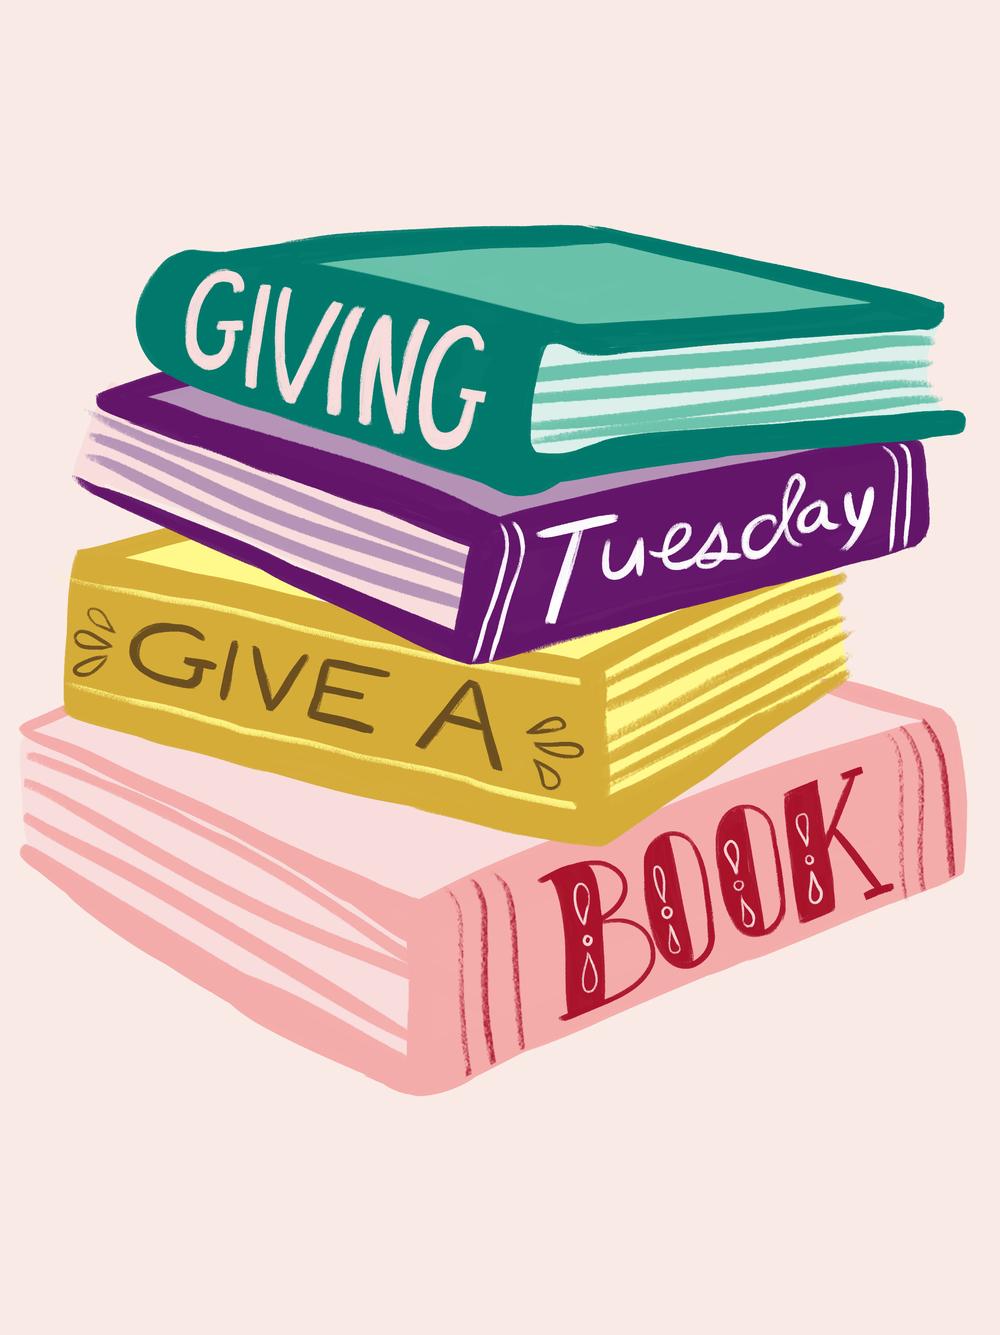 Donate $50 to Kusi Kawsay Library